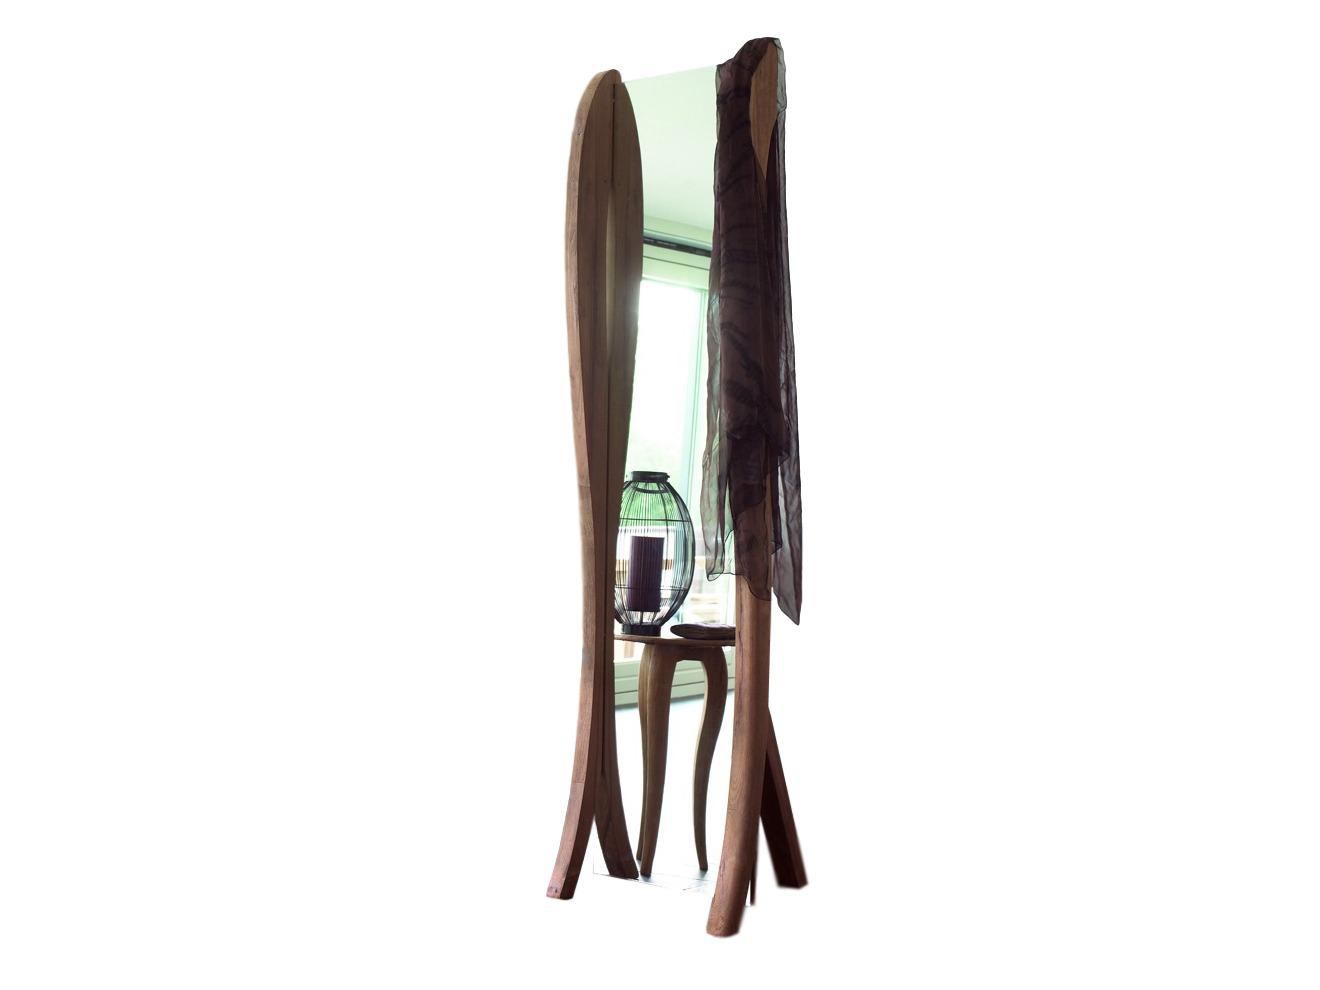 Зеркало напольное LucyНапольные зеркала<br>Напольное зеркало компании Teak House из далекой Индонезии придаст интерьеру особую изюминку: рама на ножках изготовлена из красивой, влагоустойчивой и прочной тиковой древесины. Любители аутентичных вещей, путешествий и этнических мотивов в интерьере оценят это зеркало по достоинству.<br><br>Material: Тик<br>Width см: 56<br>Depth см: 50.5<br>Height см: 220